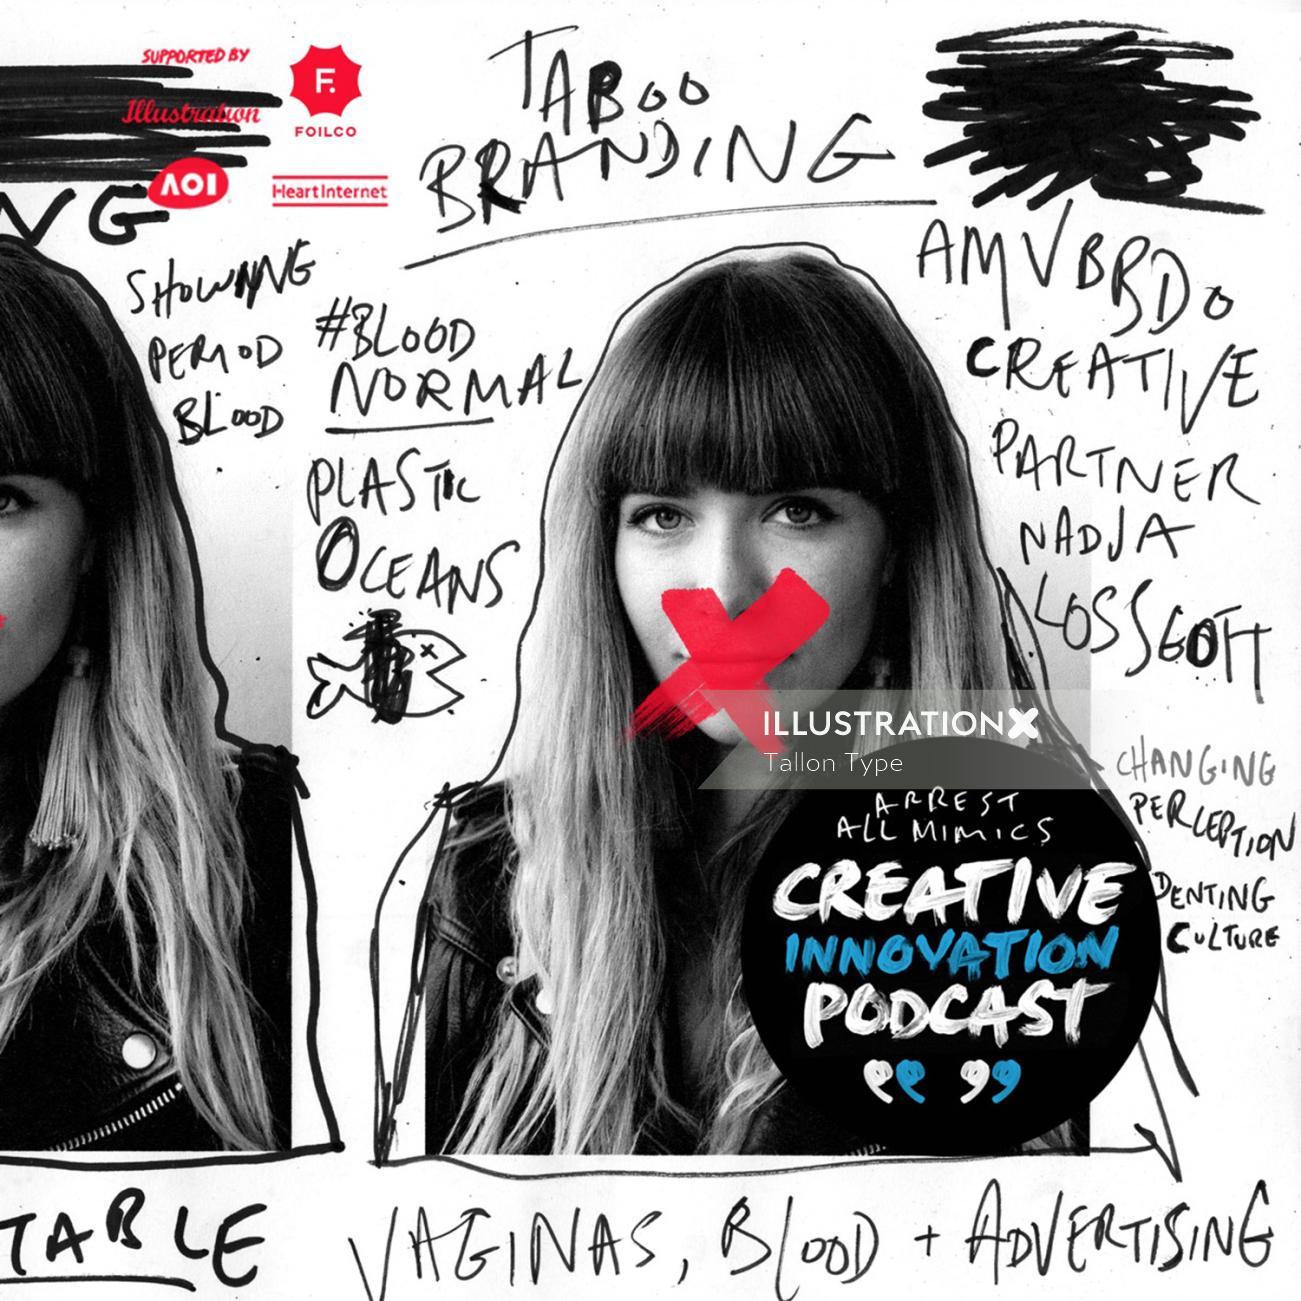 AMV BBDO creative director Nadja Lossgot